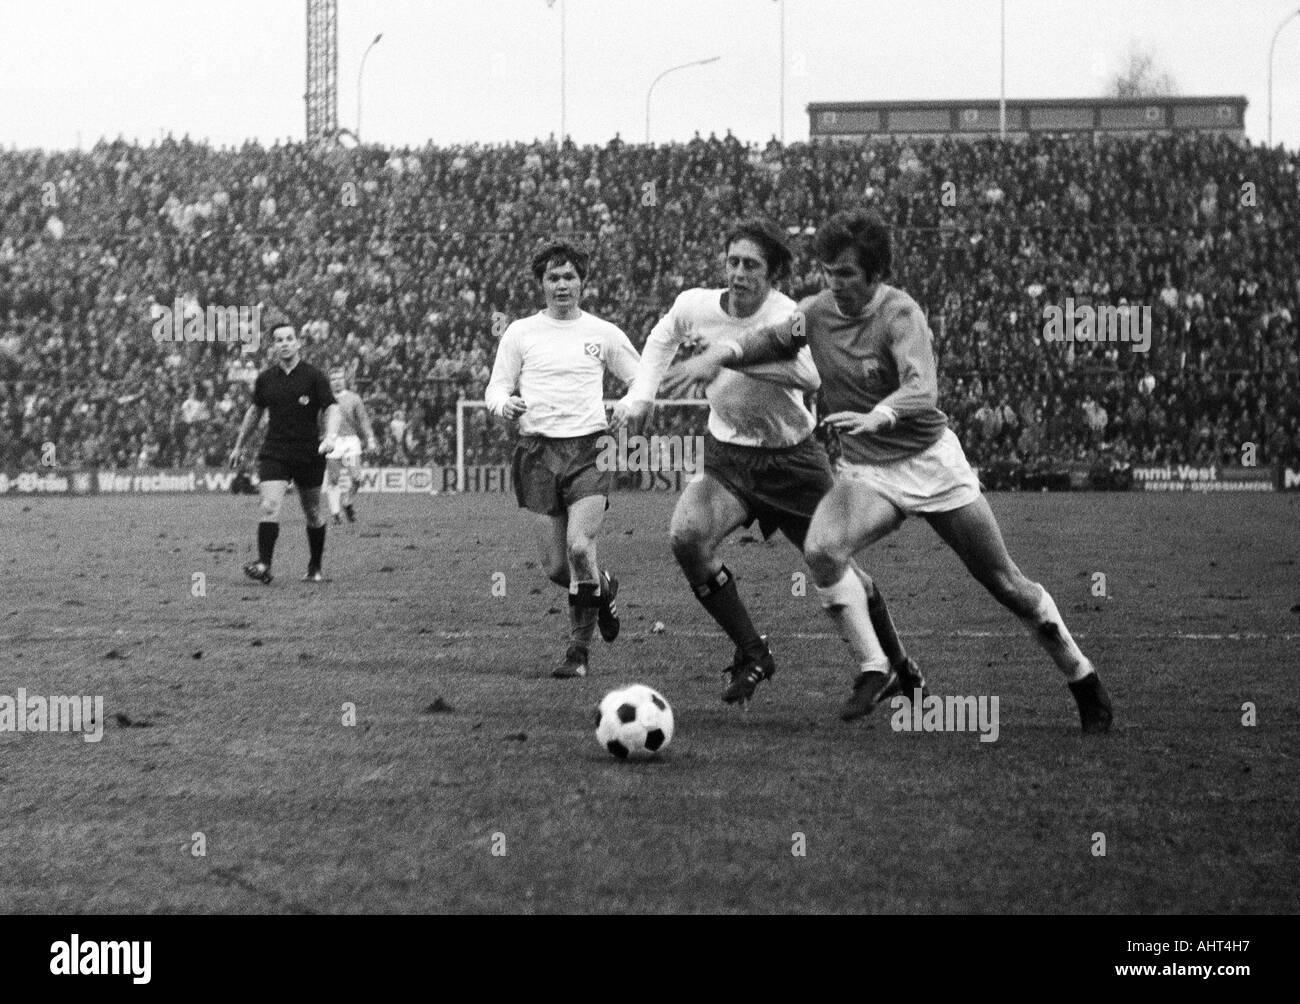 football, Bundesliga, 1970/1971, Boekelberg Stadium, Borussia Moenchengladbach versus Hamburger SV 3:0, scene of the match, f.l.t.r. referee Gert Meuser from Ingelheim, Hans Juergen Hellfritz, Juergen Kurbjuhn (both HSV), Jupp Heynckes (MG) - Stock Image